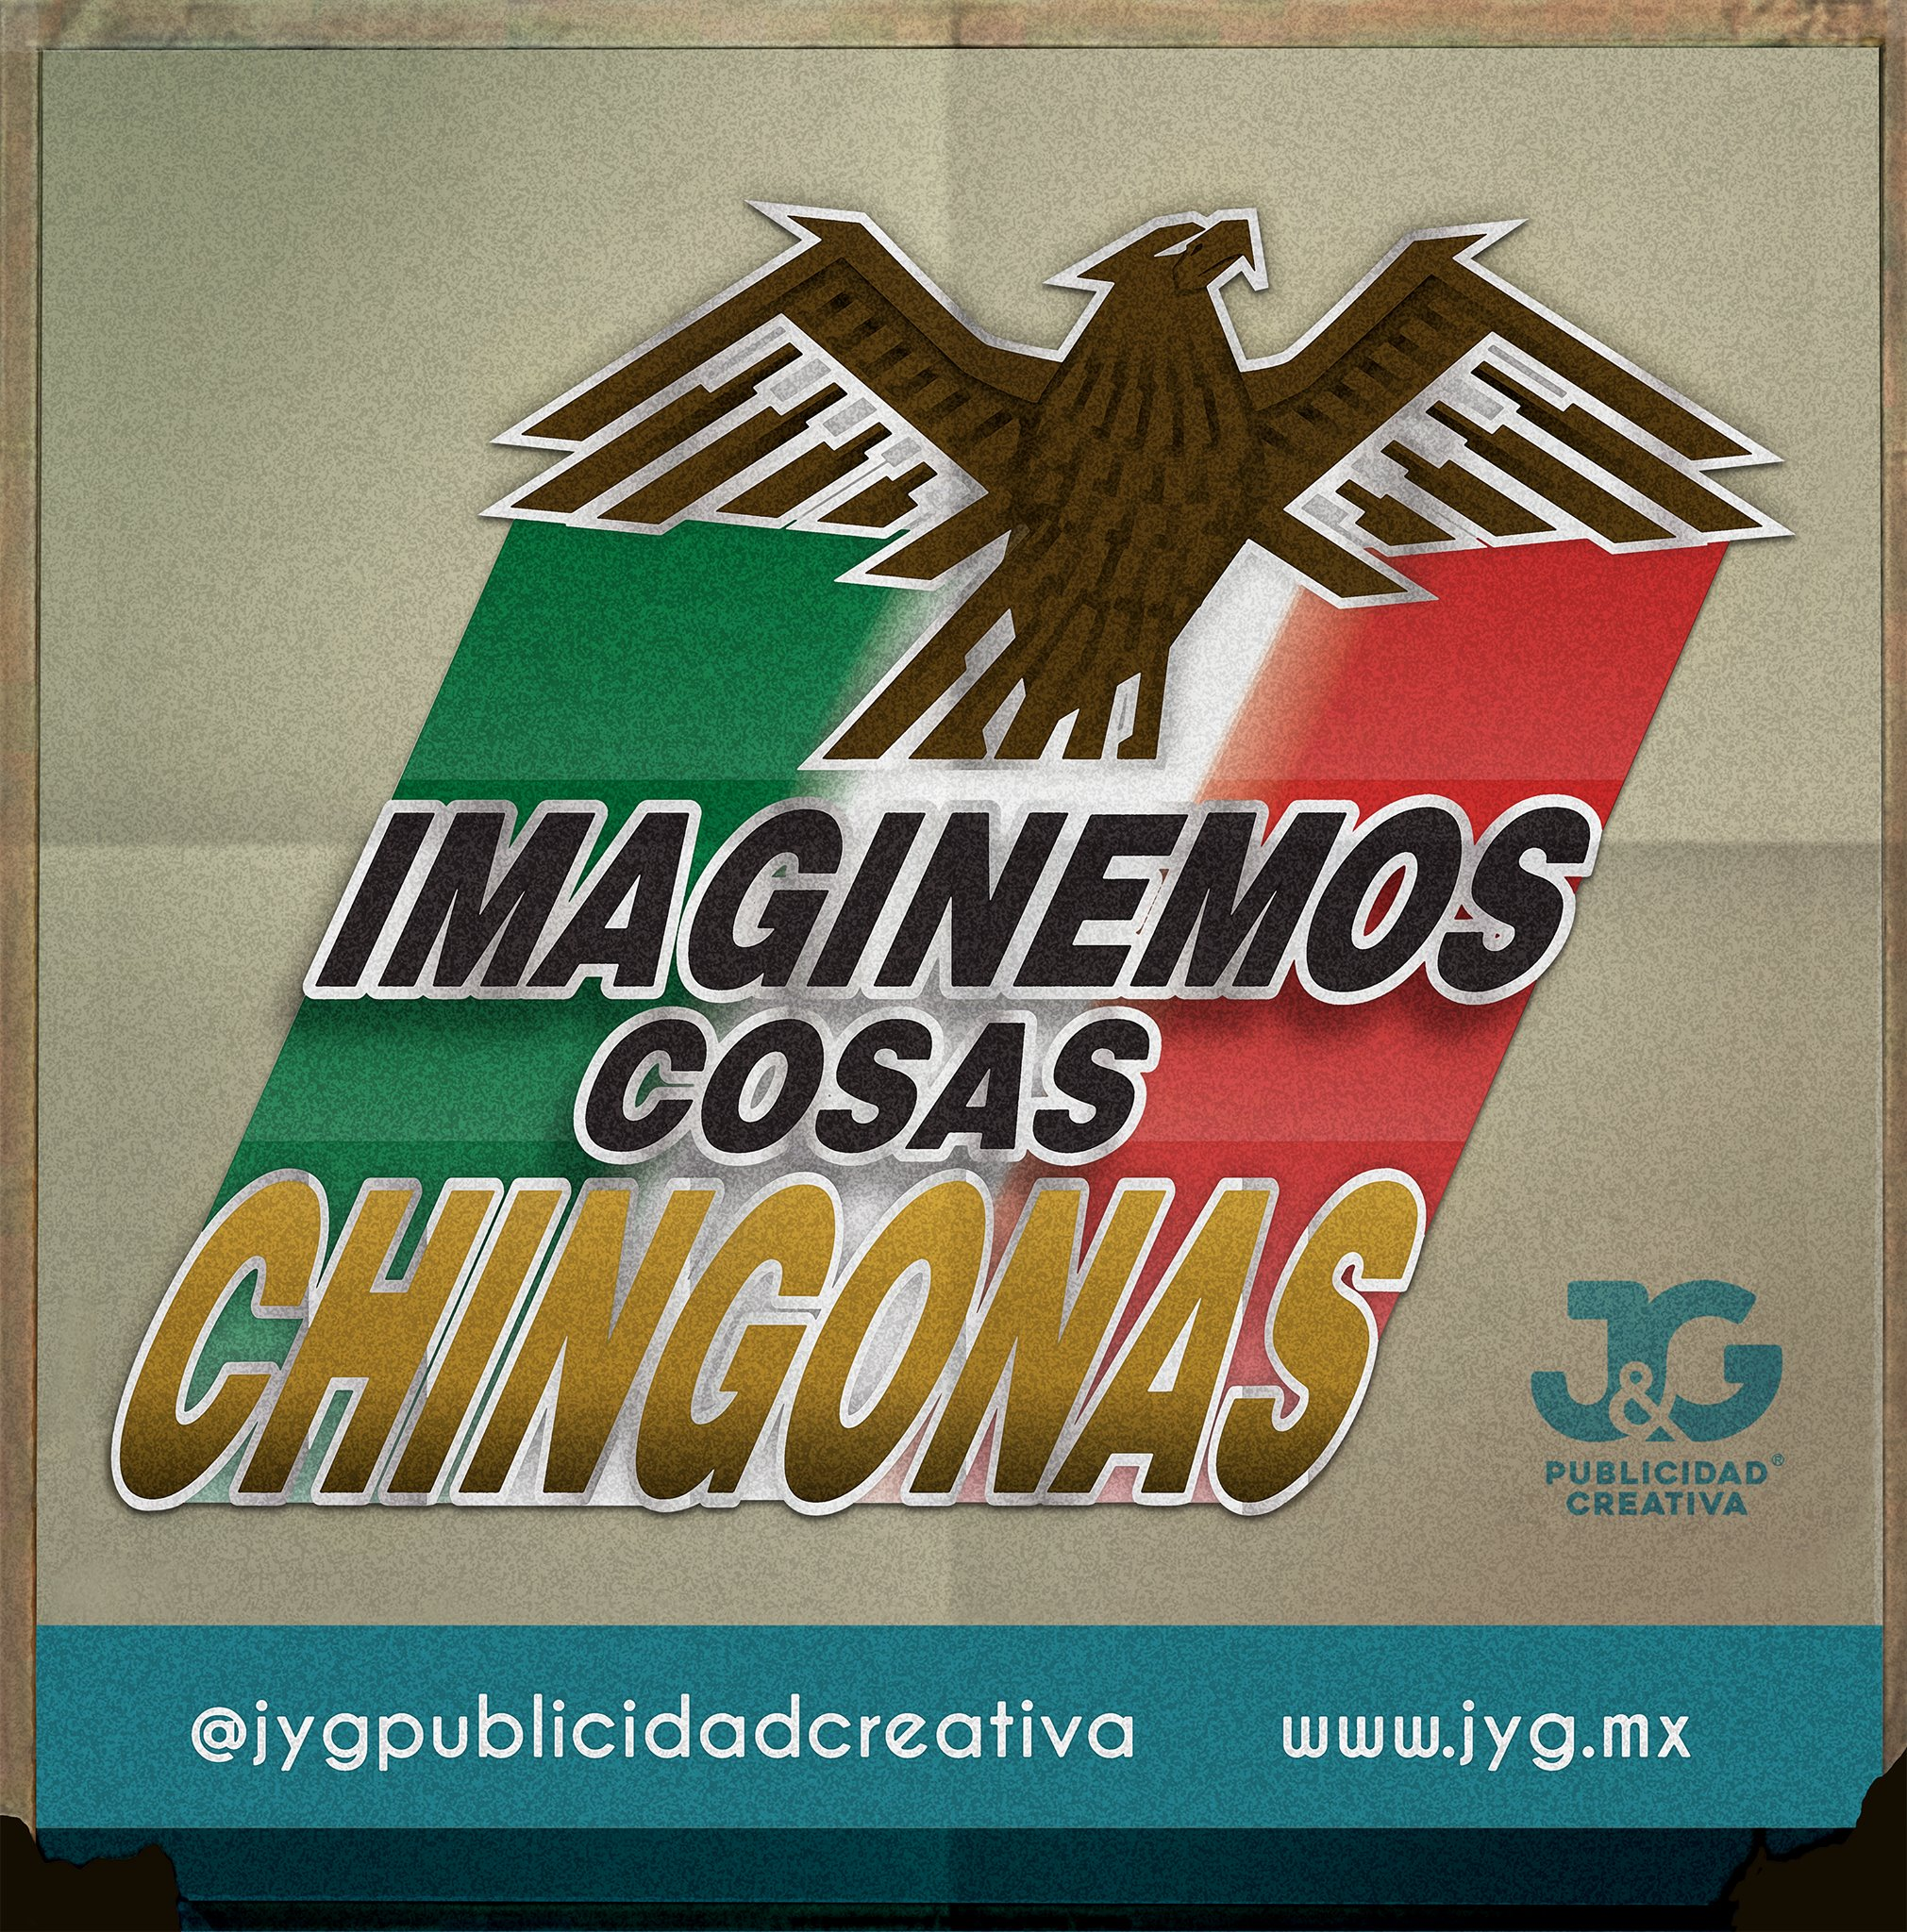 ¡Es tiempo de imaginar cosas chingonas! Vota 📝🗳️ y apoya a la selección 🏆 ¡Vamos México! 🇲🇽️